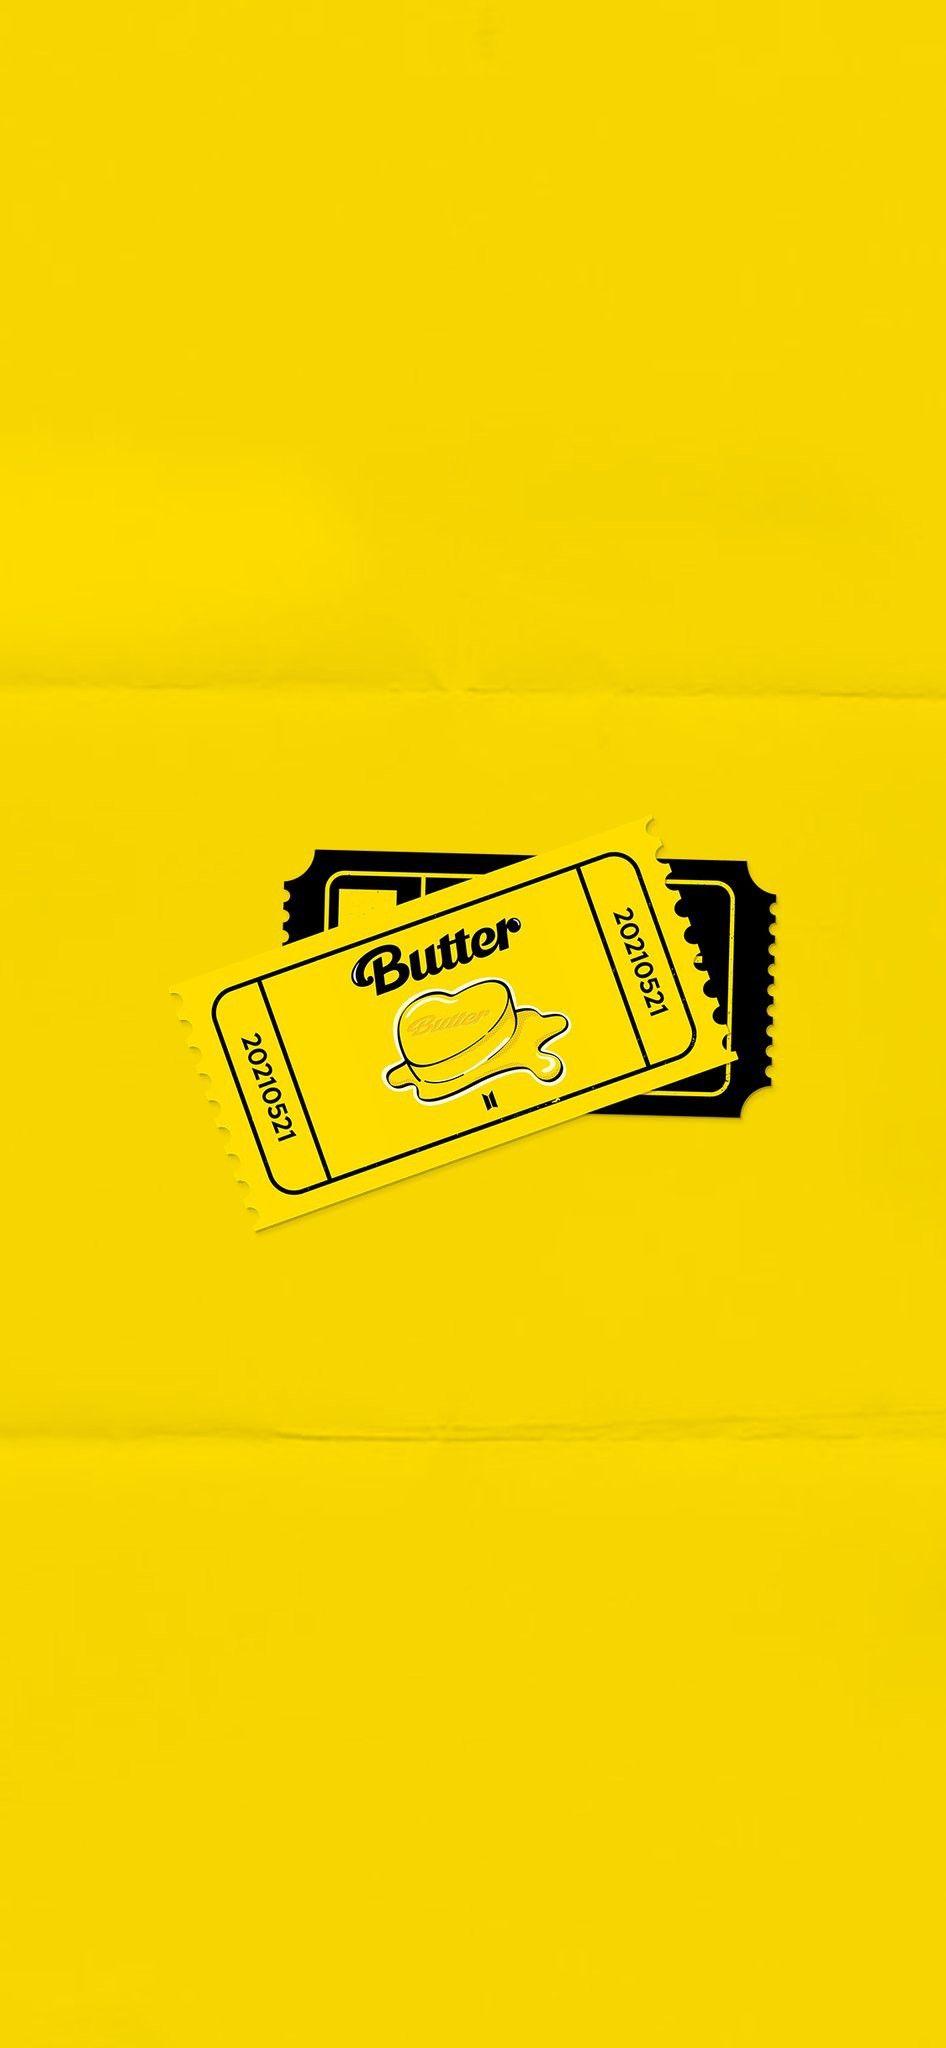 Bts Butter In 2021 Cute Walpaper Bts Lockscreen Bts Bts wallpaper butter era